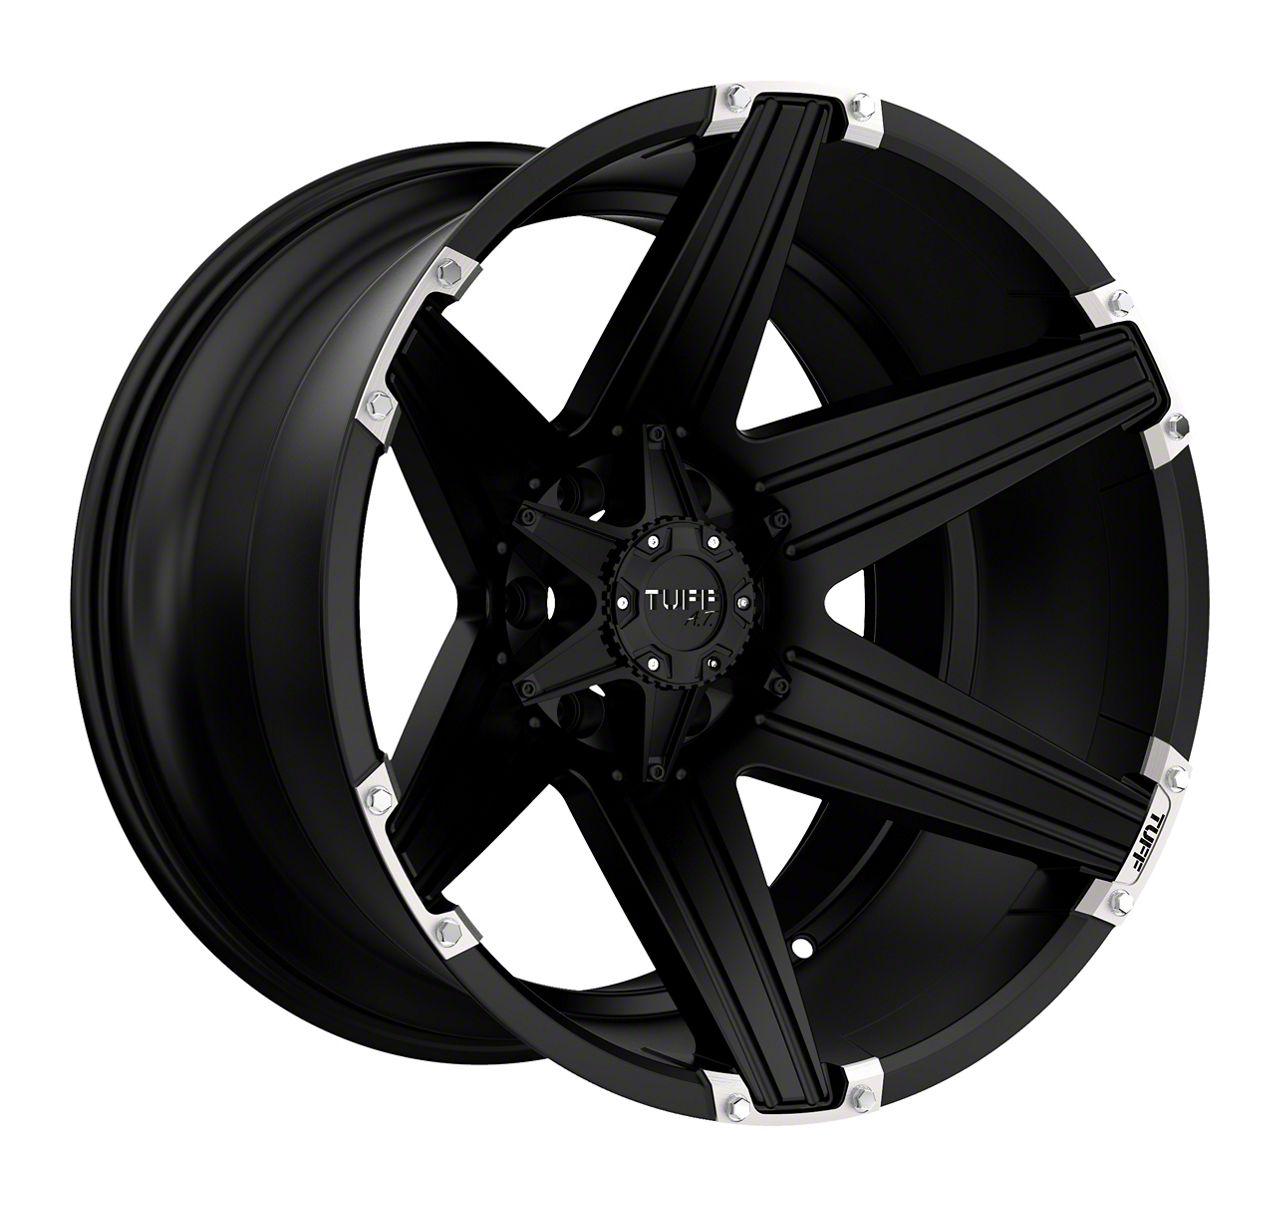 Tuff A.T. T12 Satin Black w/ Brushed Inserts Wheel - 20x12 (87-06 Jeep Wrangler YJ & TJ)